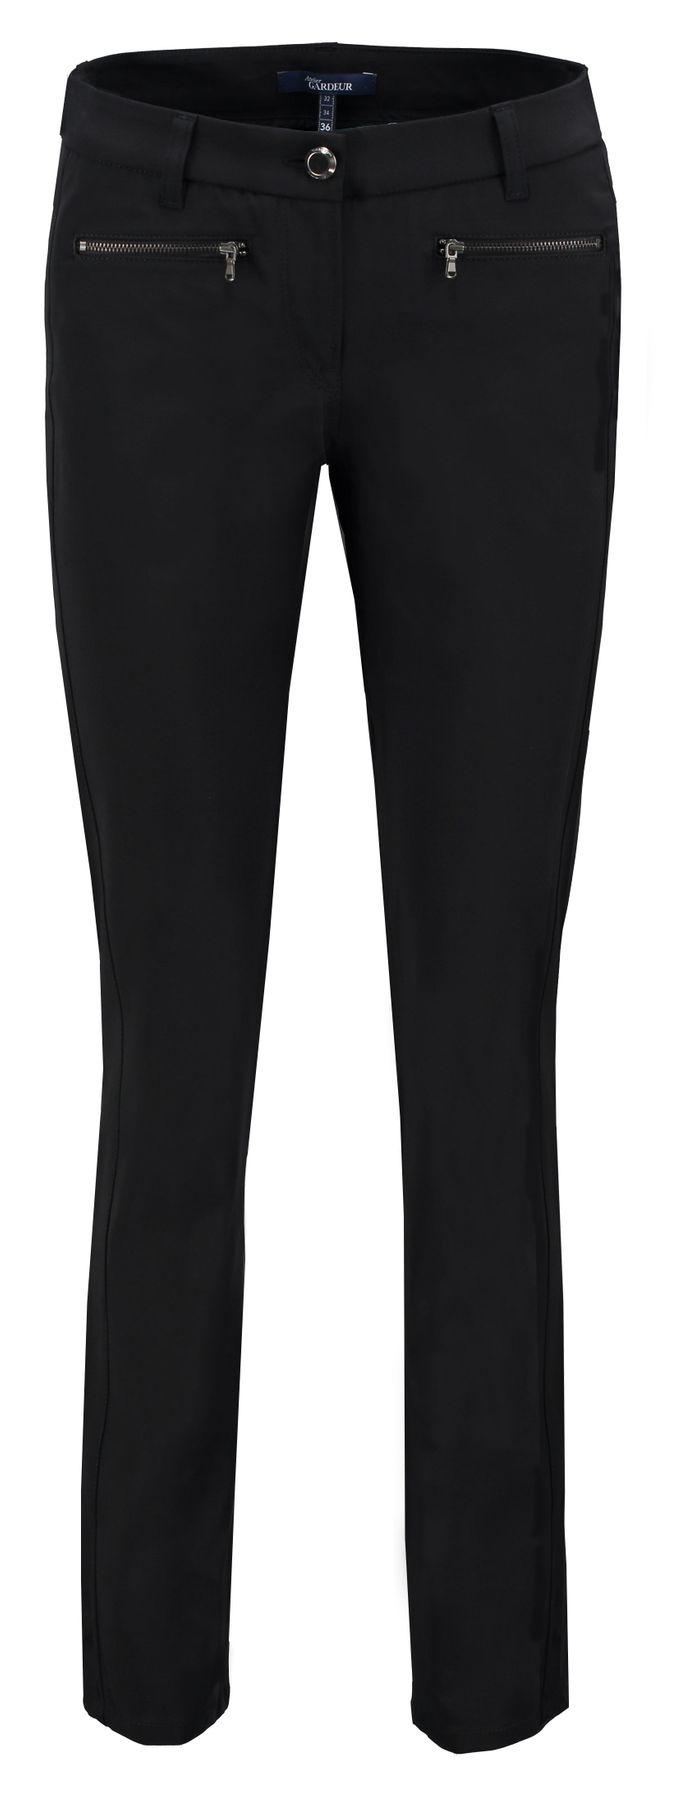 Atelier Gardeur - Slim Fit - Damen 5-Pocket Röhrenhose aus Baumwollstretch, Zuri18  (061512) – Bild 5